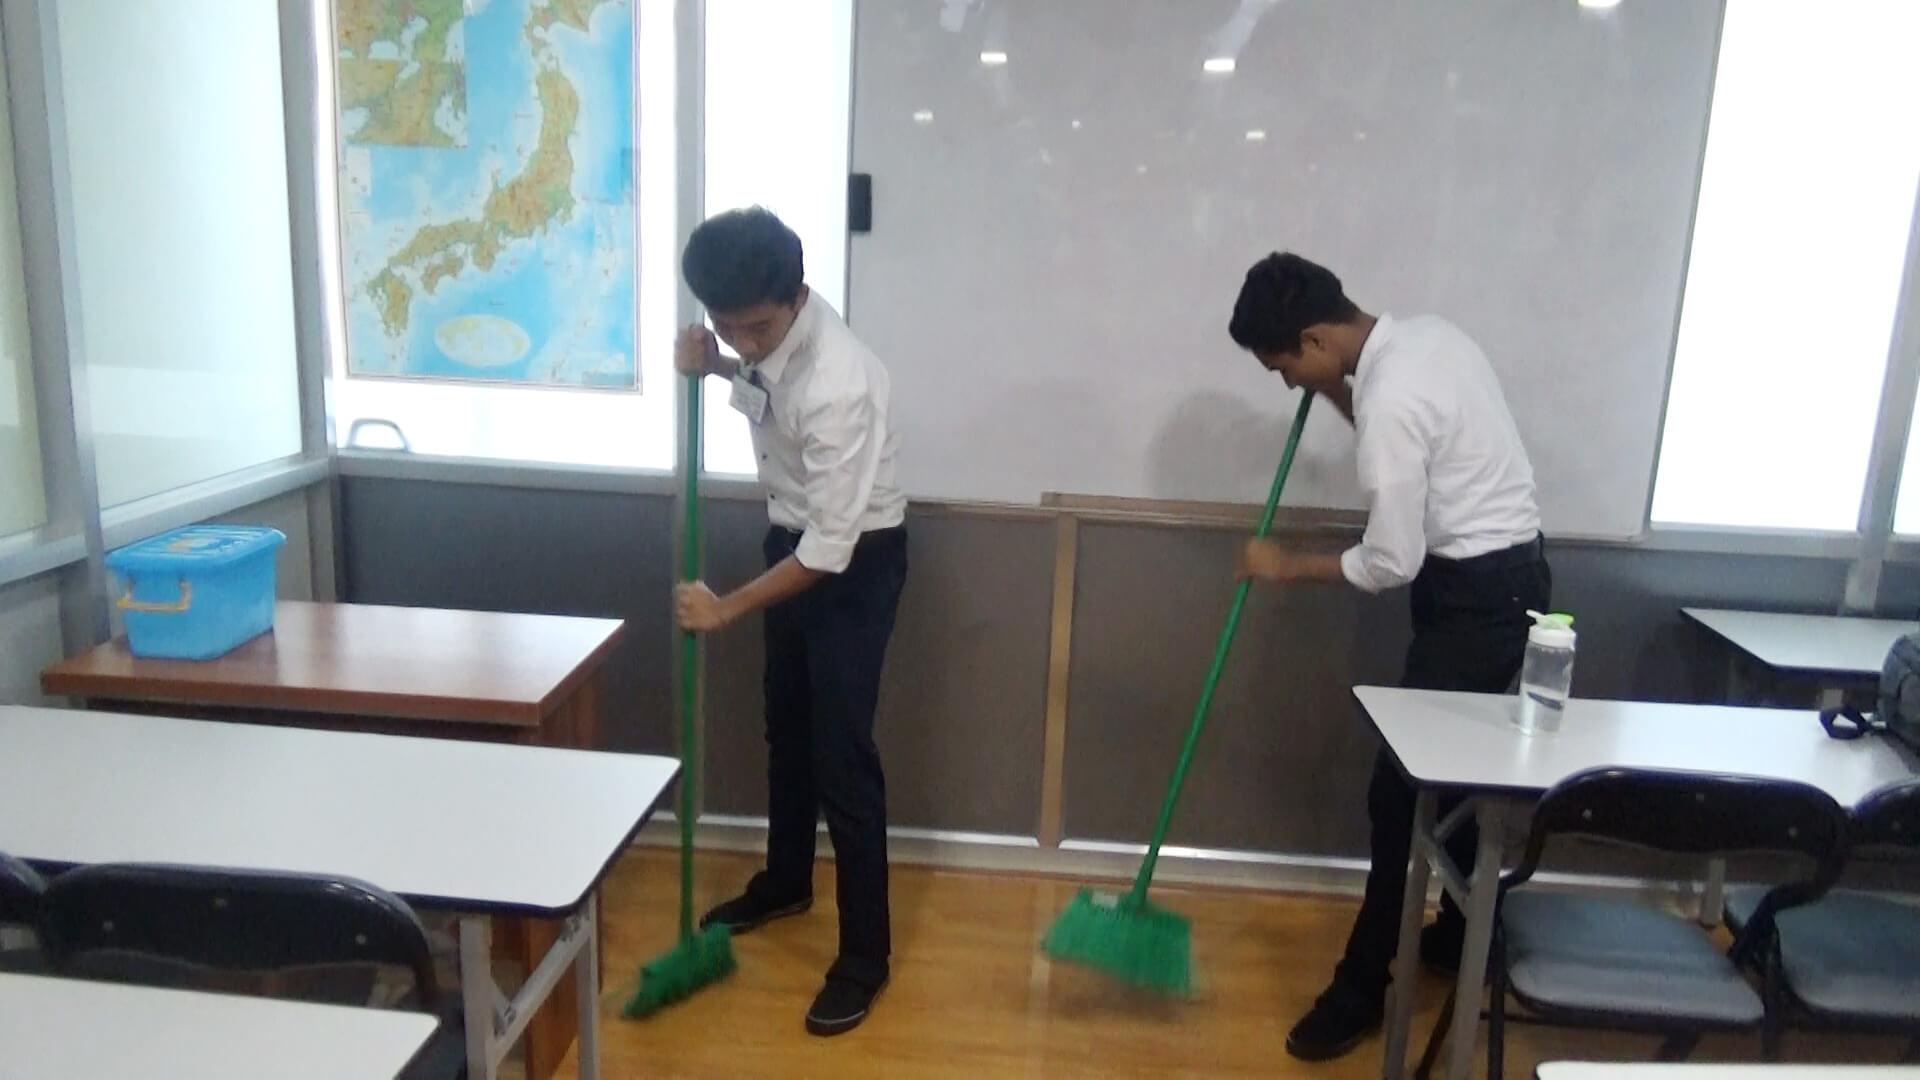 教室を掃除する技能実習生